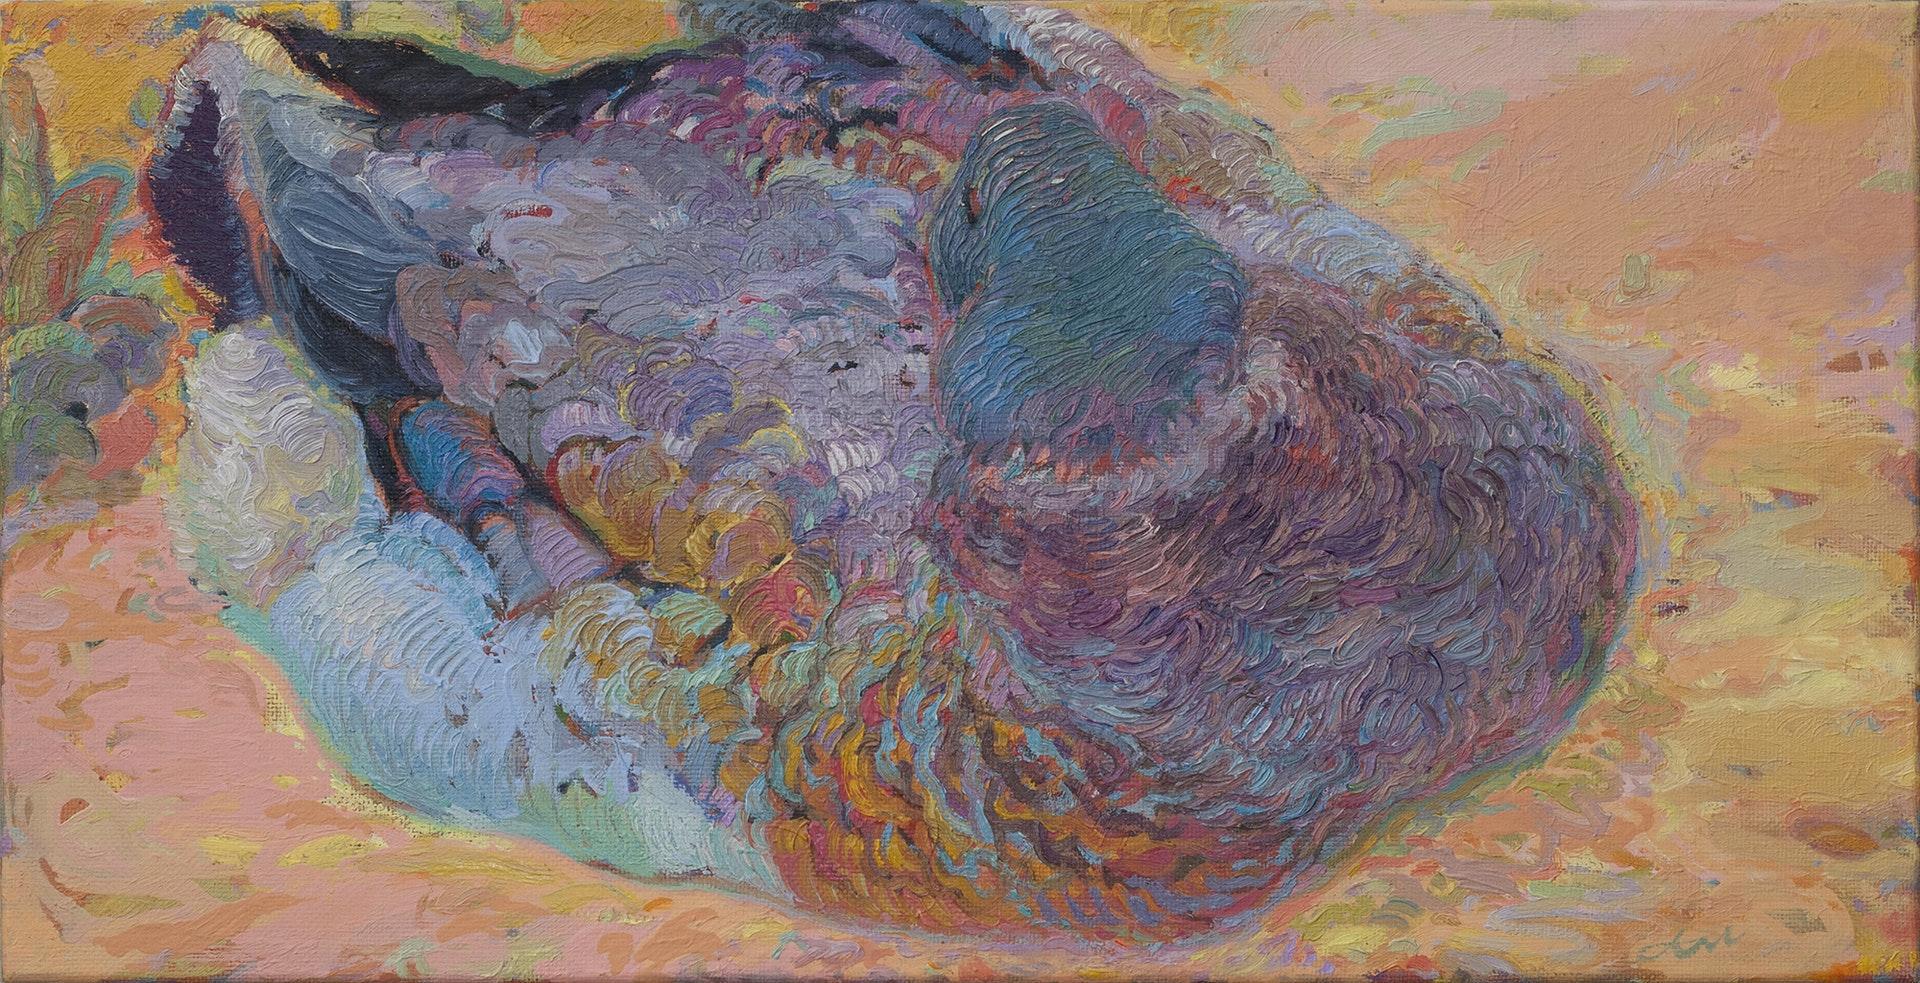 'The Duck', Aliaksandr Listsiukhin, Oil on linen, 40 x 80 cm